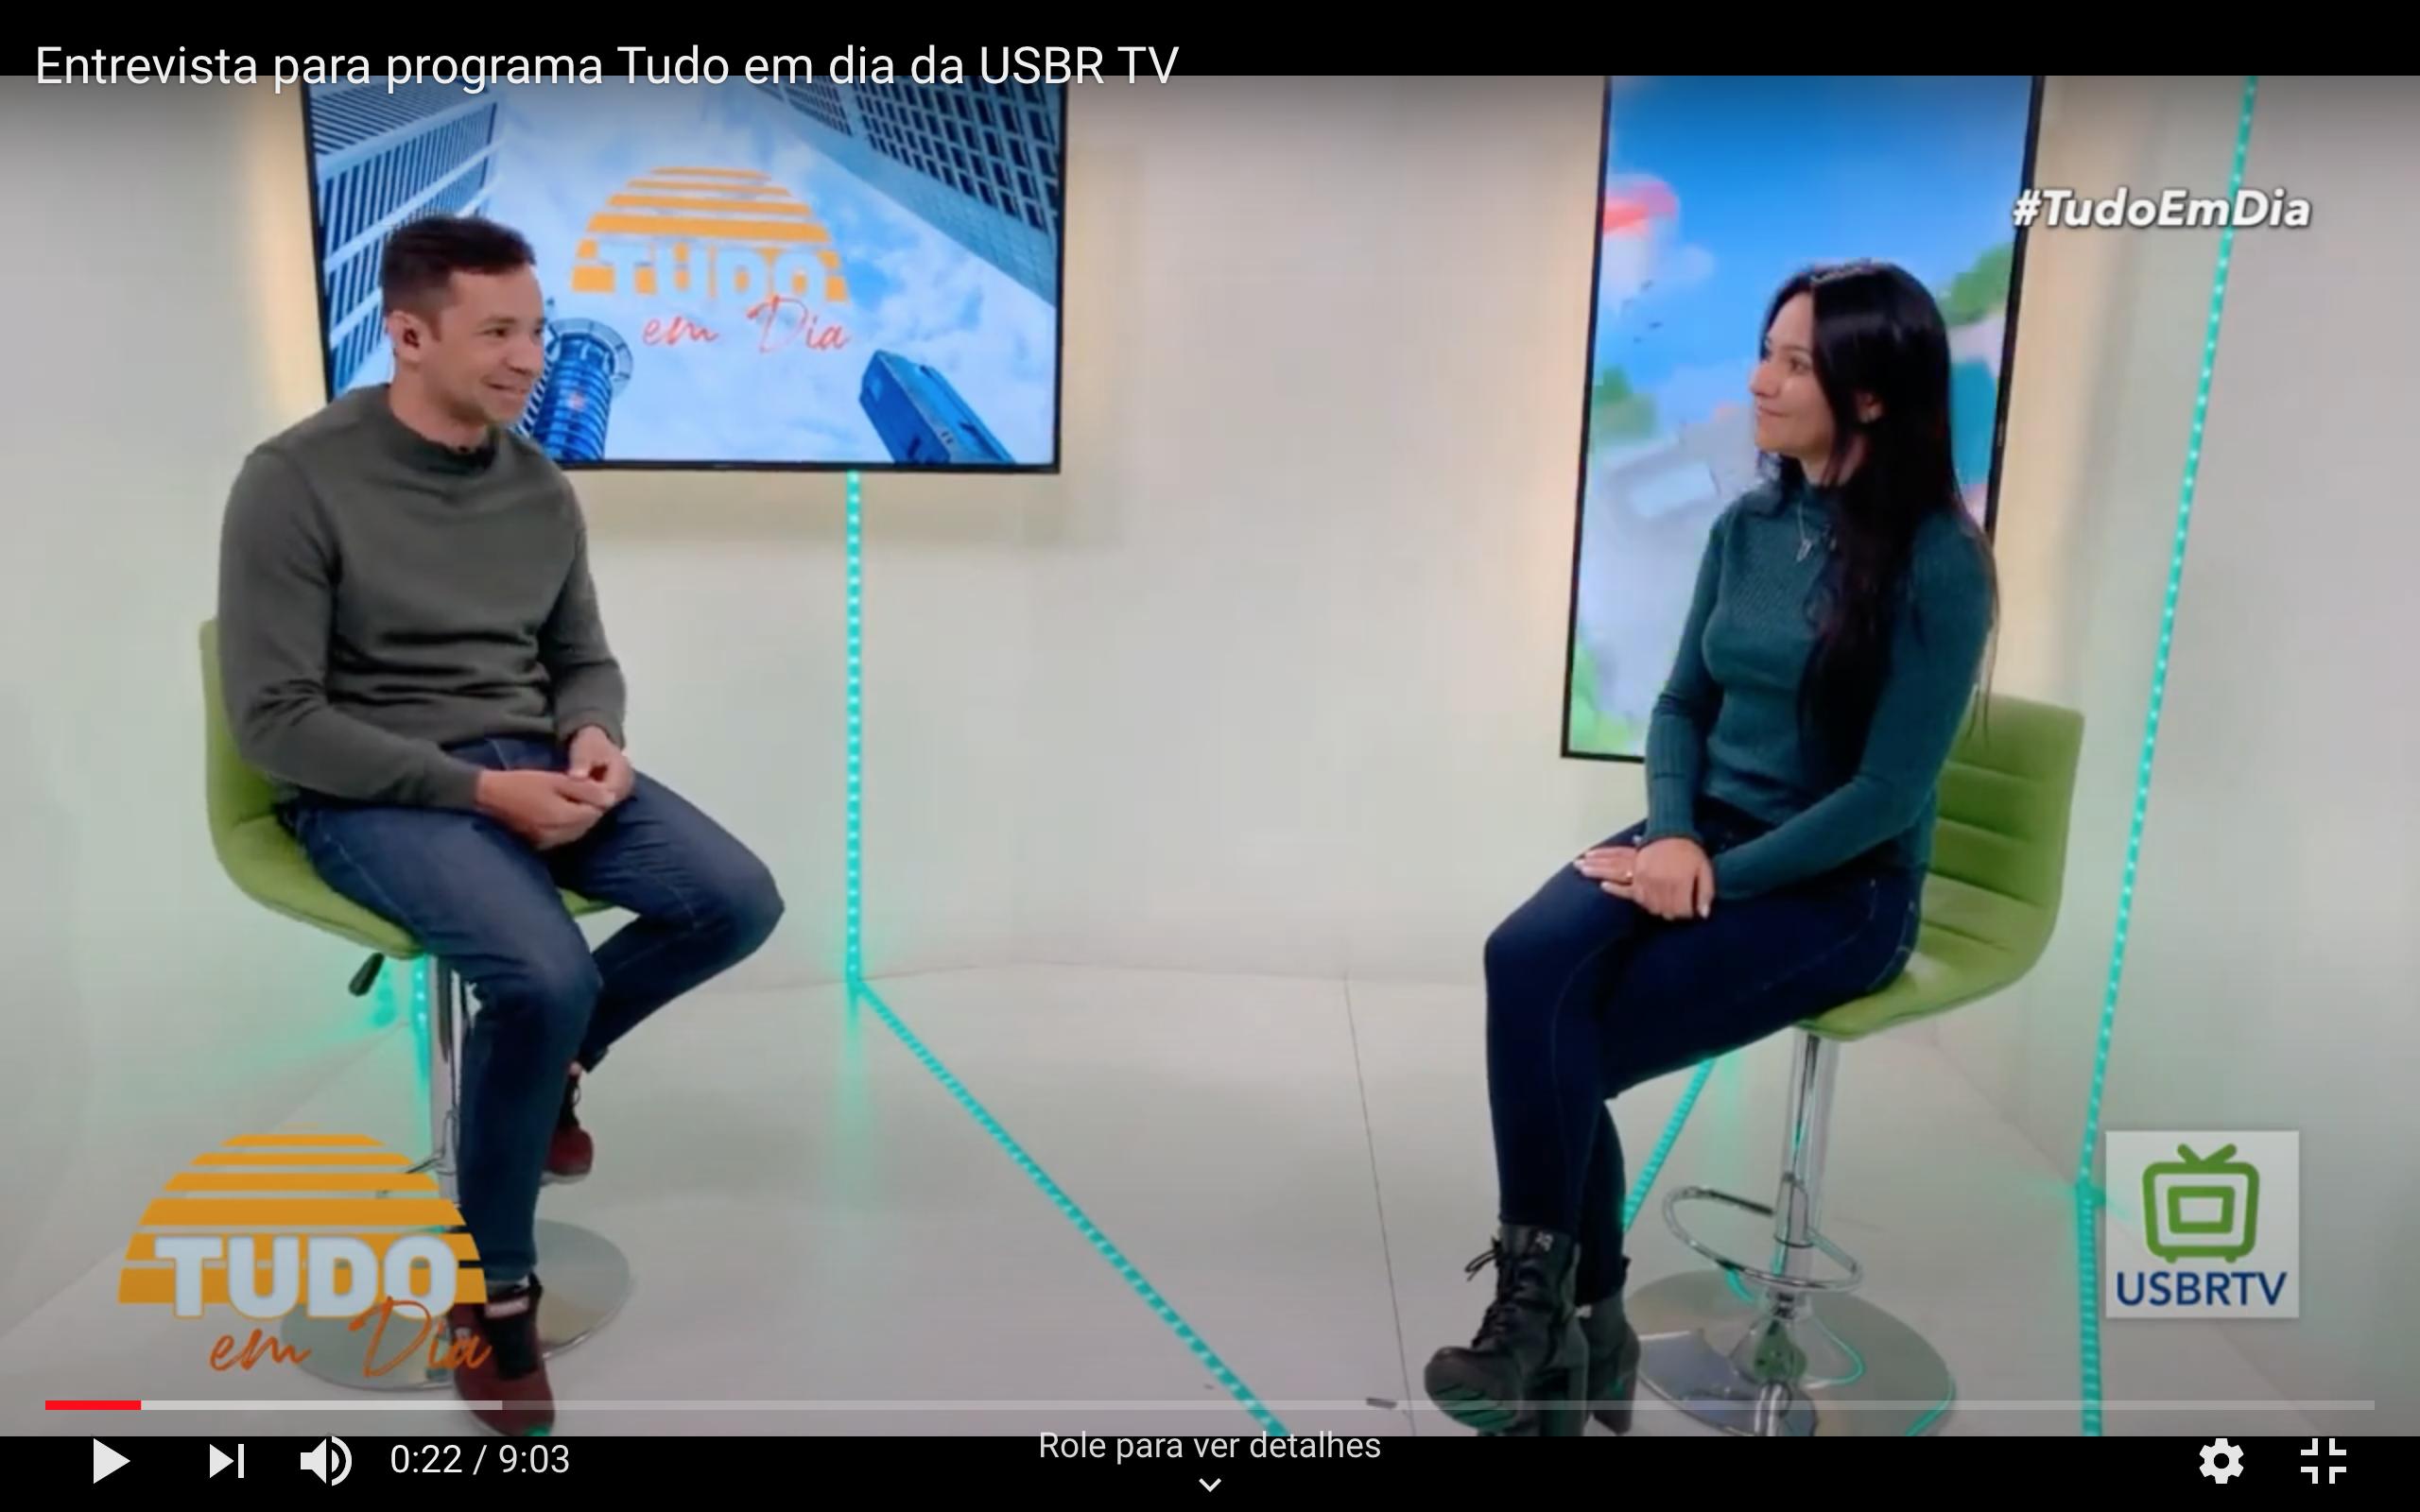 Entrevista para programa Tudo em dia na USBR TV